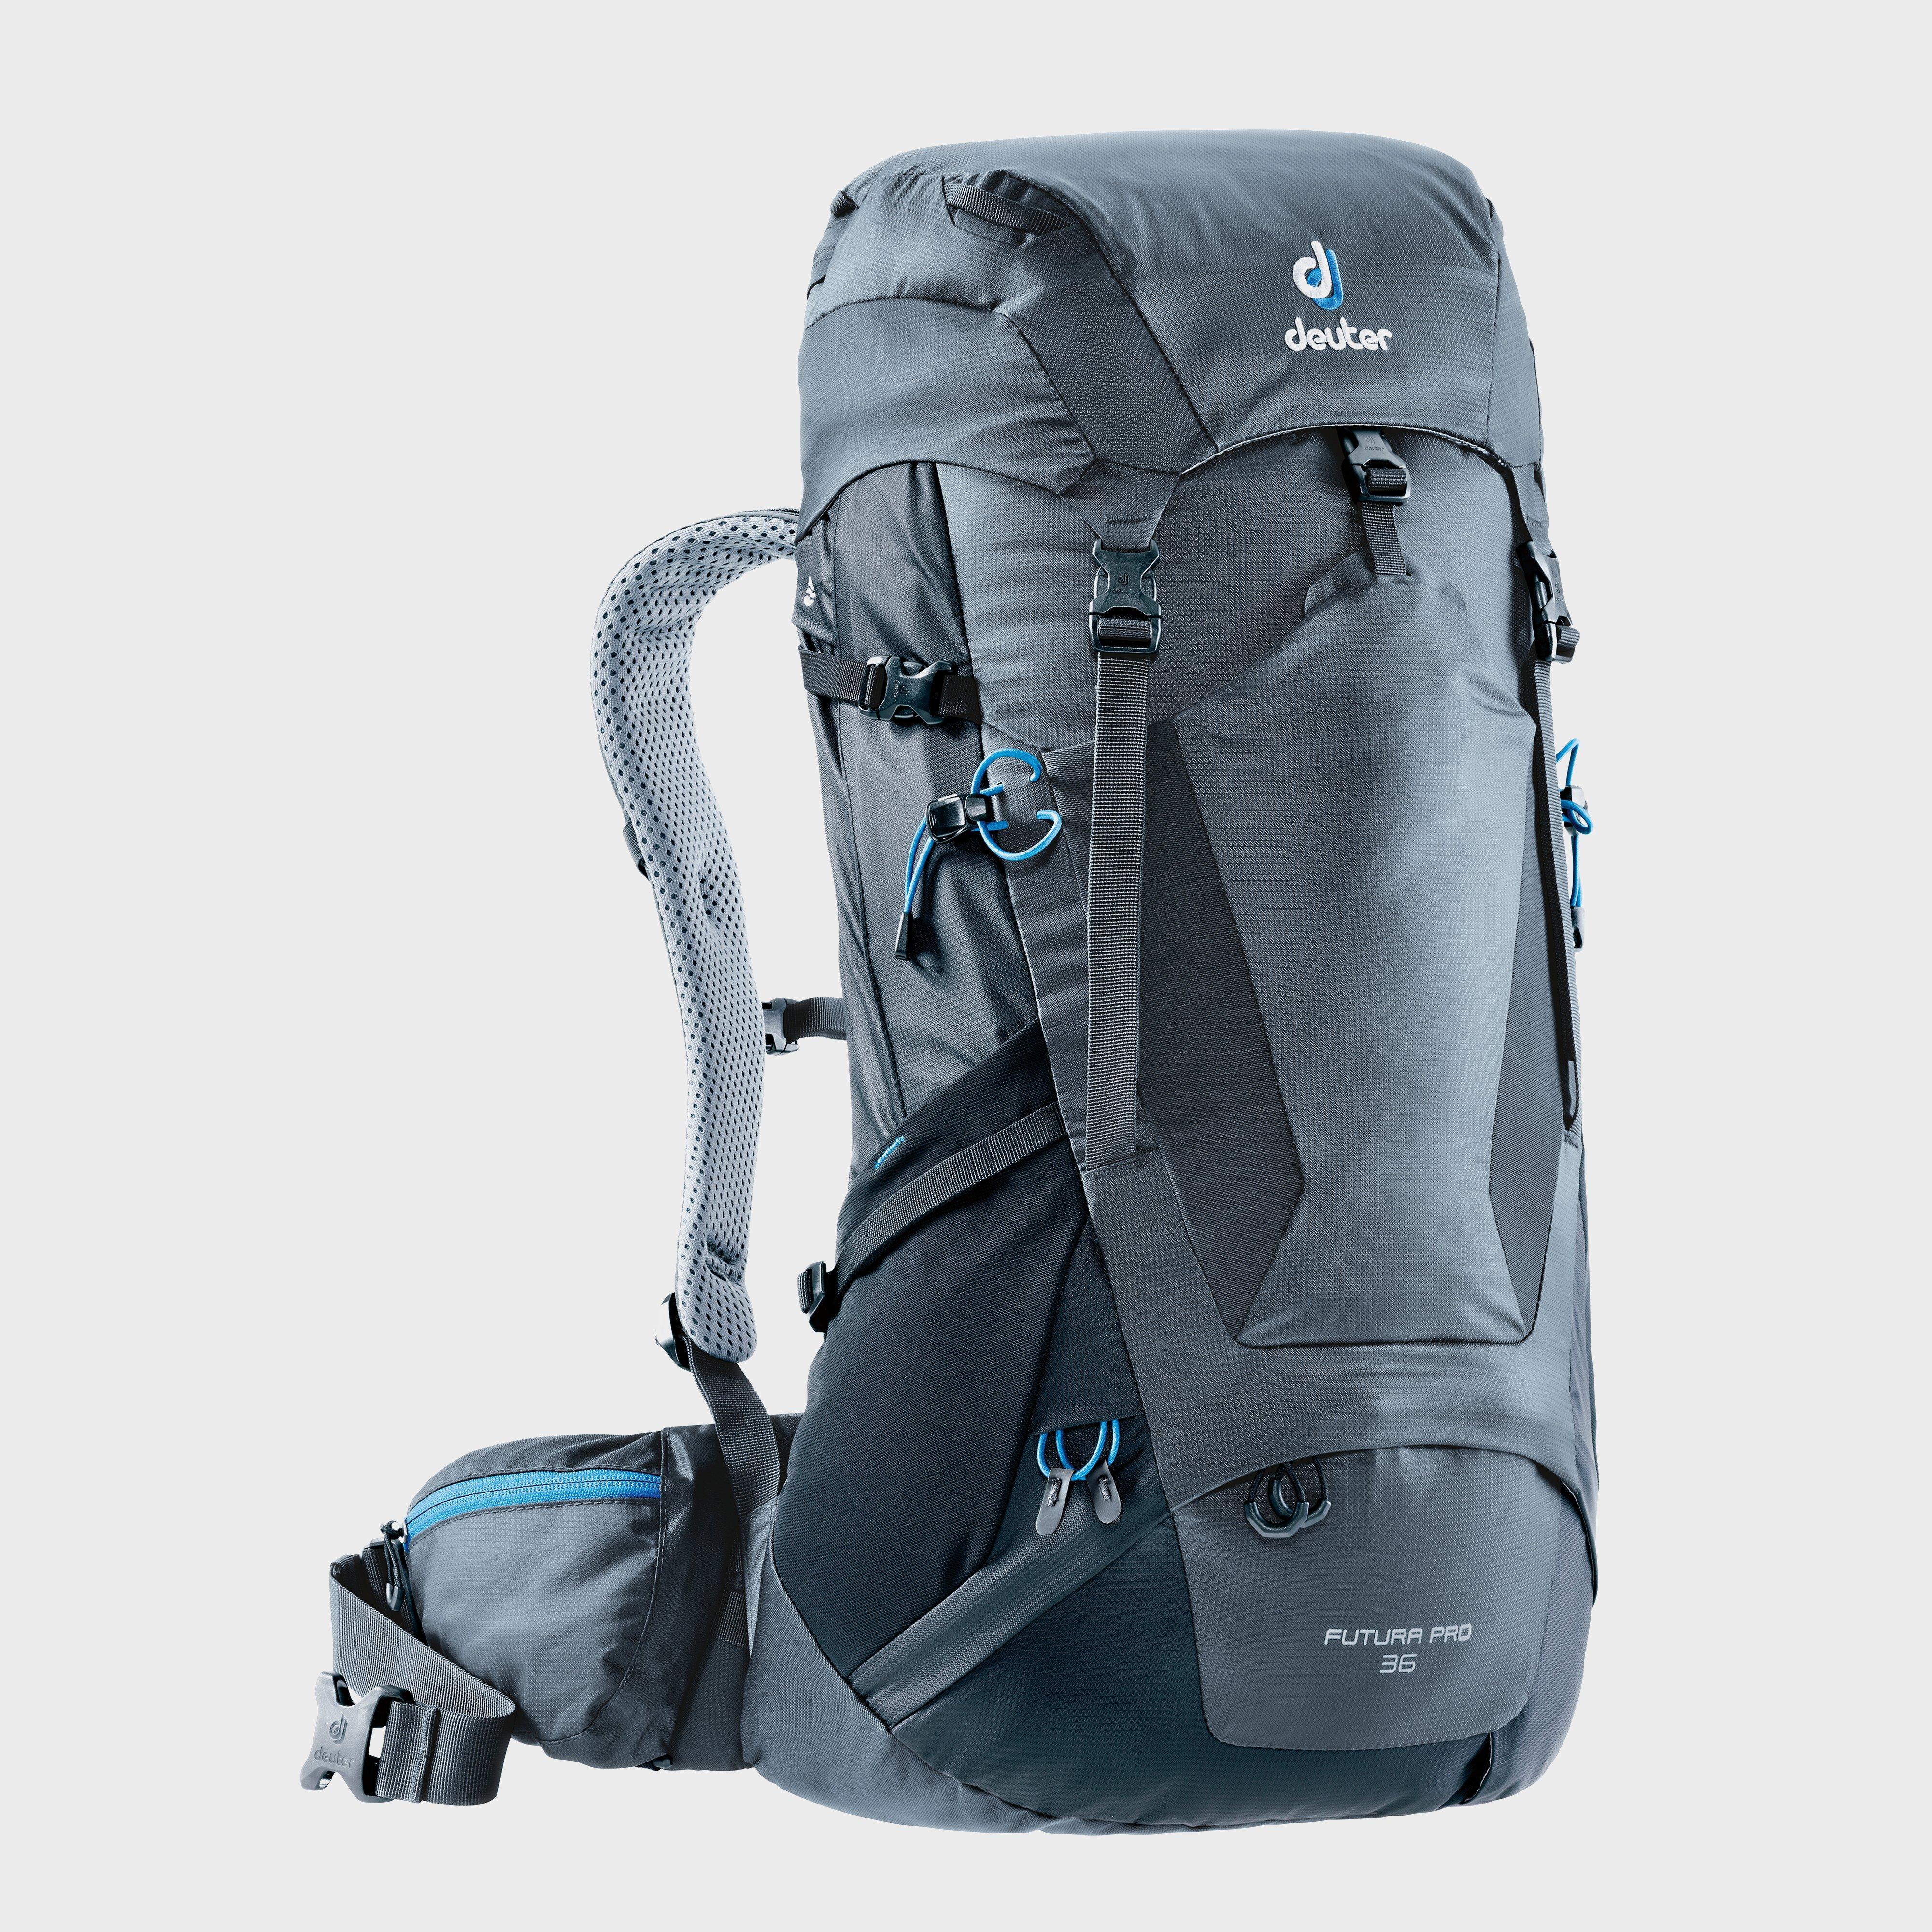 Deuter Futura Pro 36L Hiking Pack, Grey